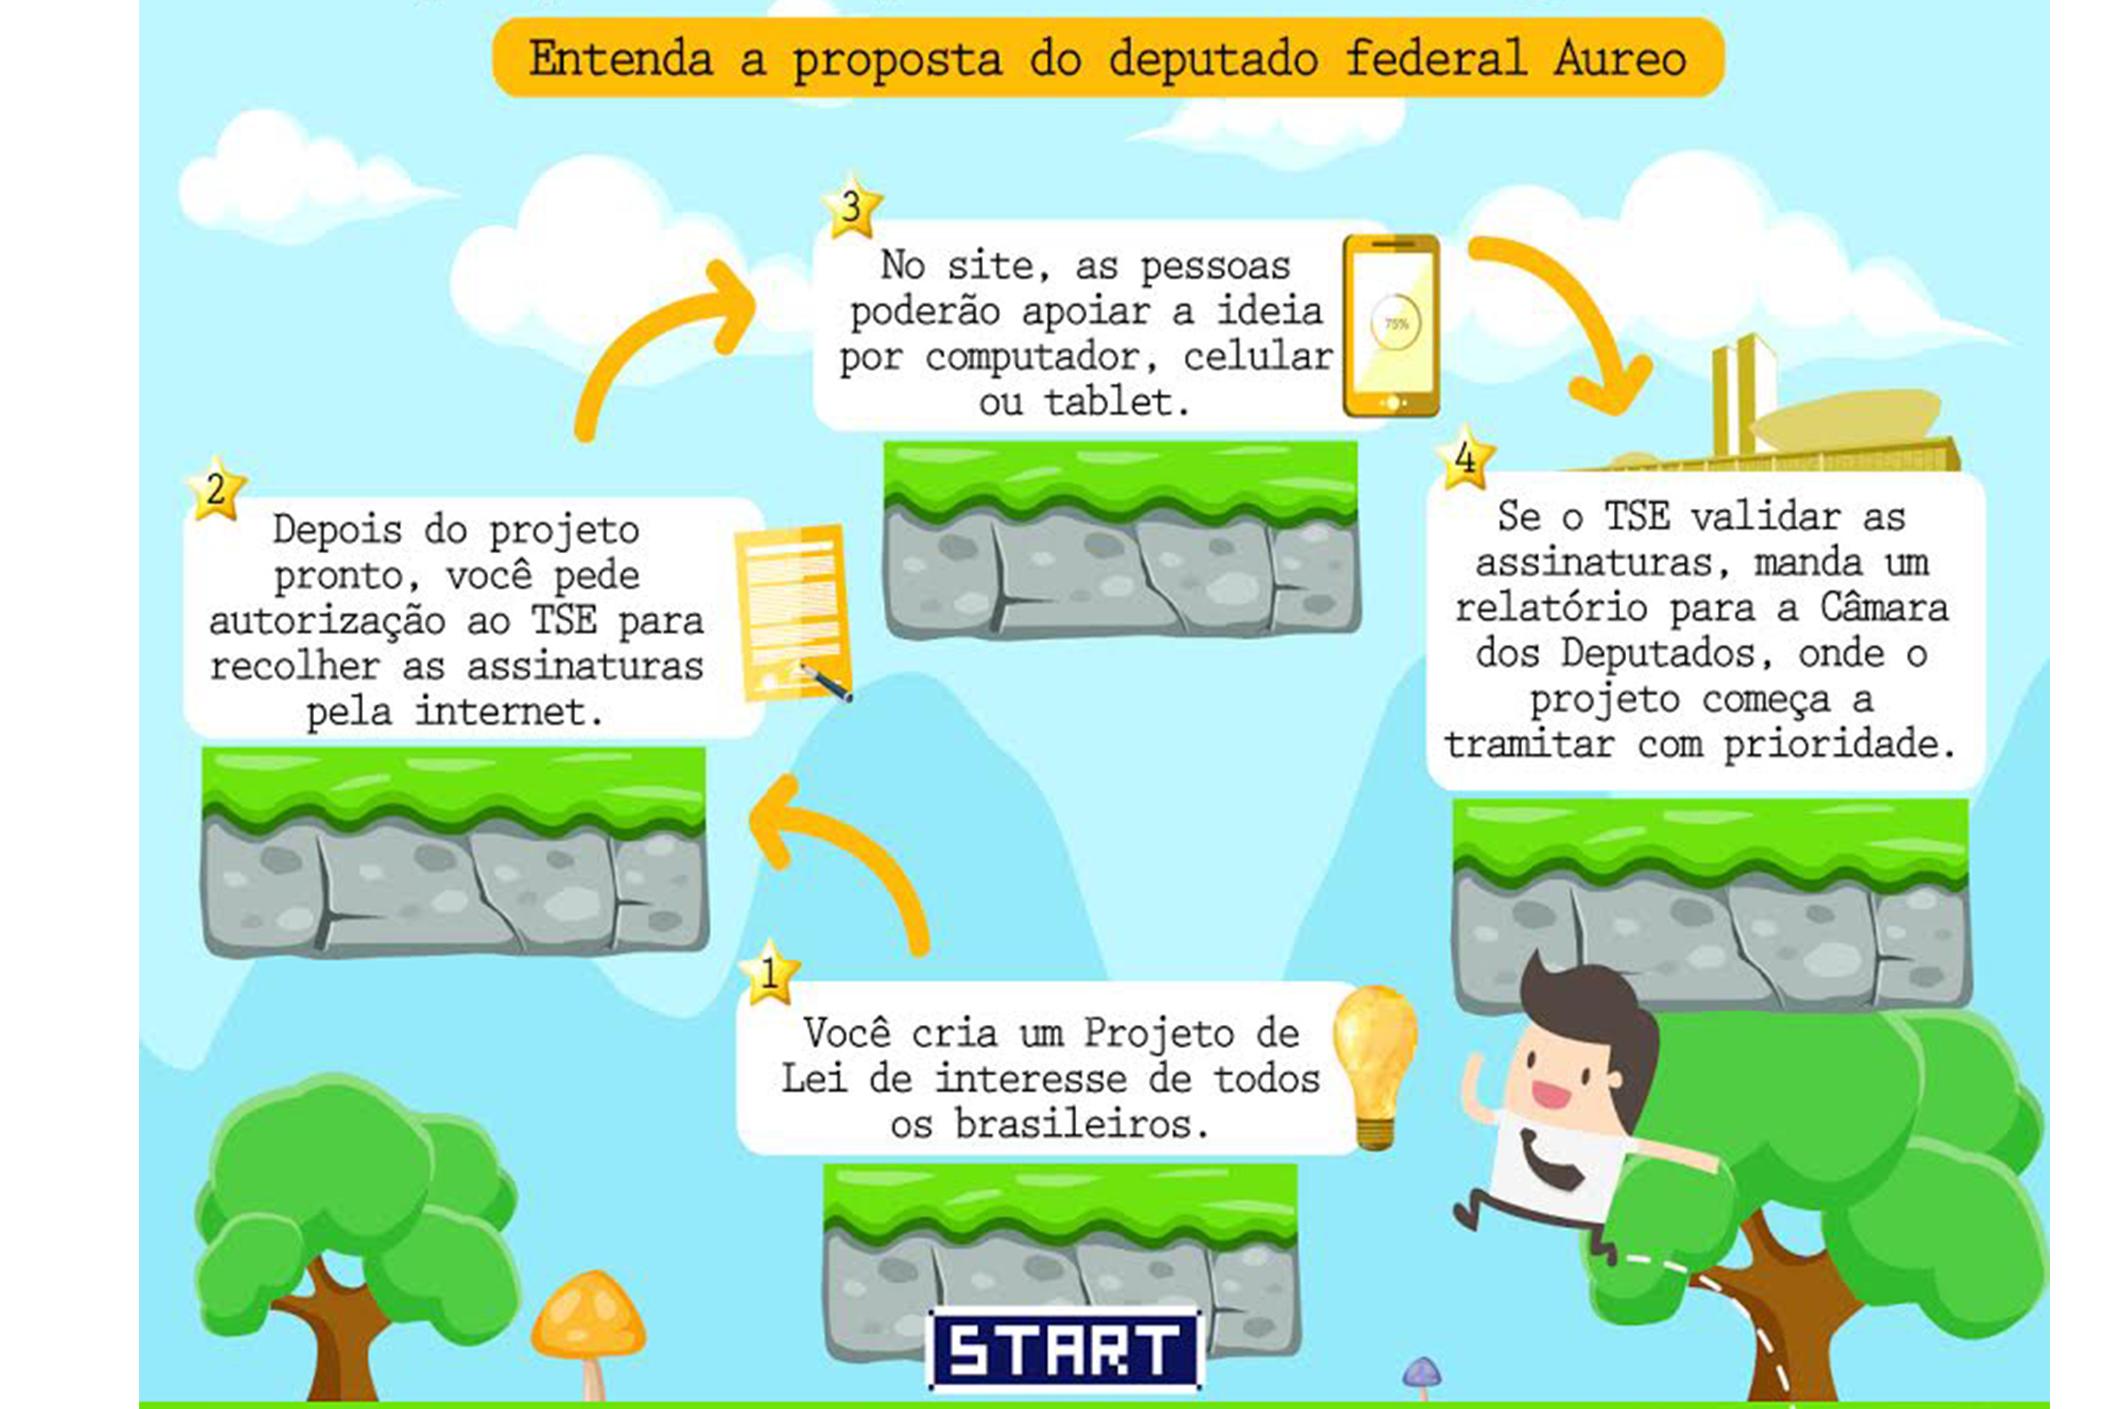 Aureo quer facilitar apresentação de projetos de iniciativa popular